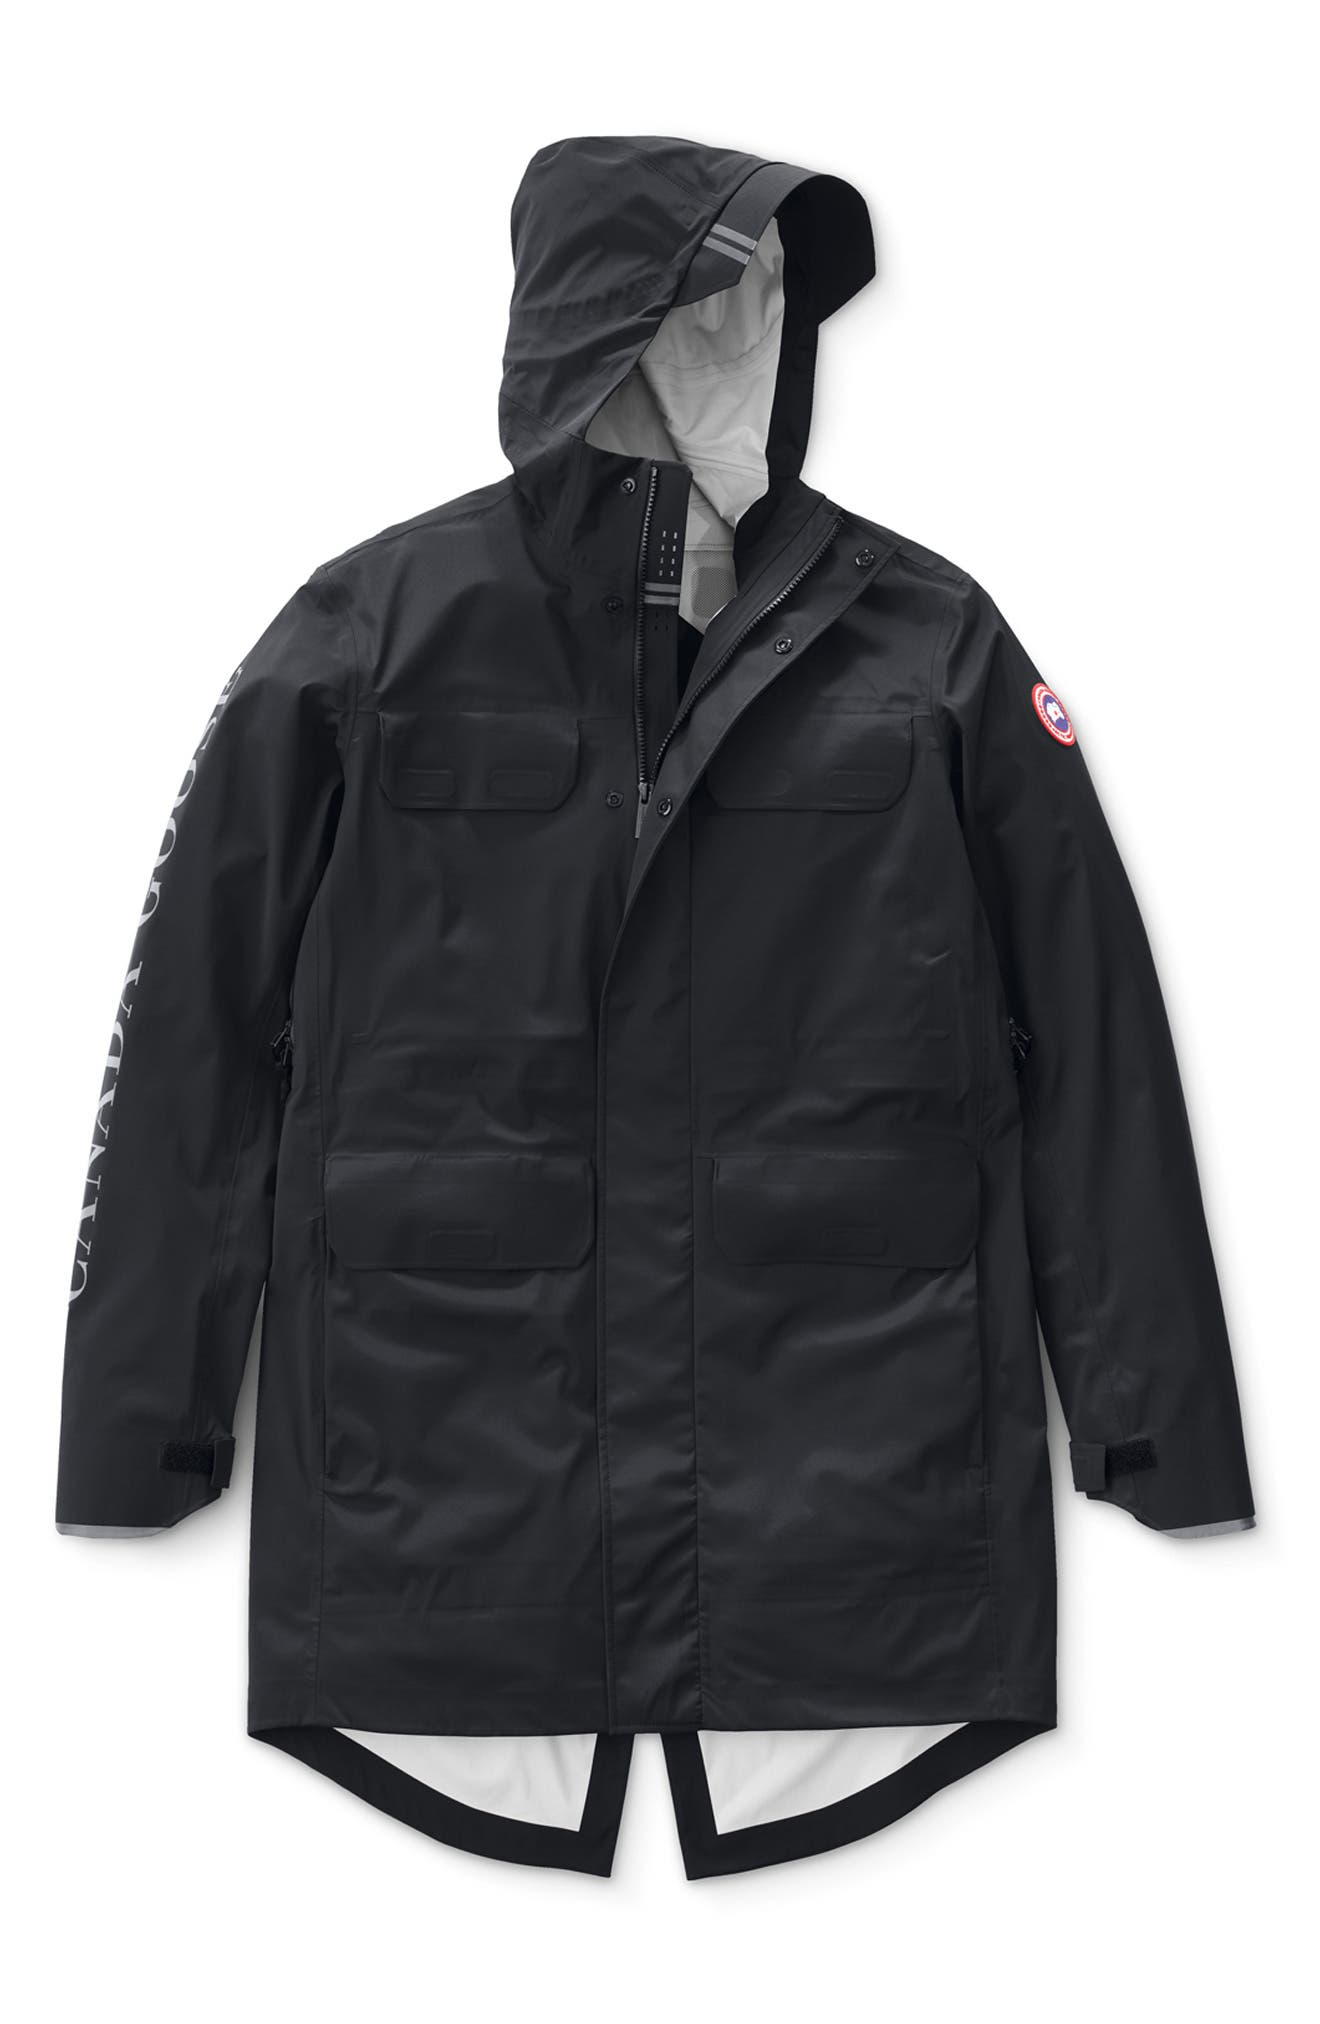 Canada Goose Seawolf Regular Fit Packable Waterproof Jacket, Black